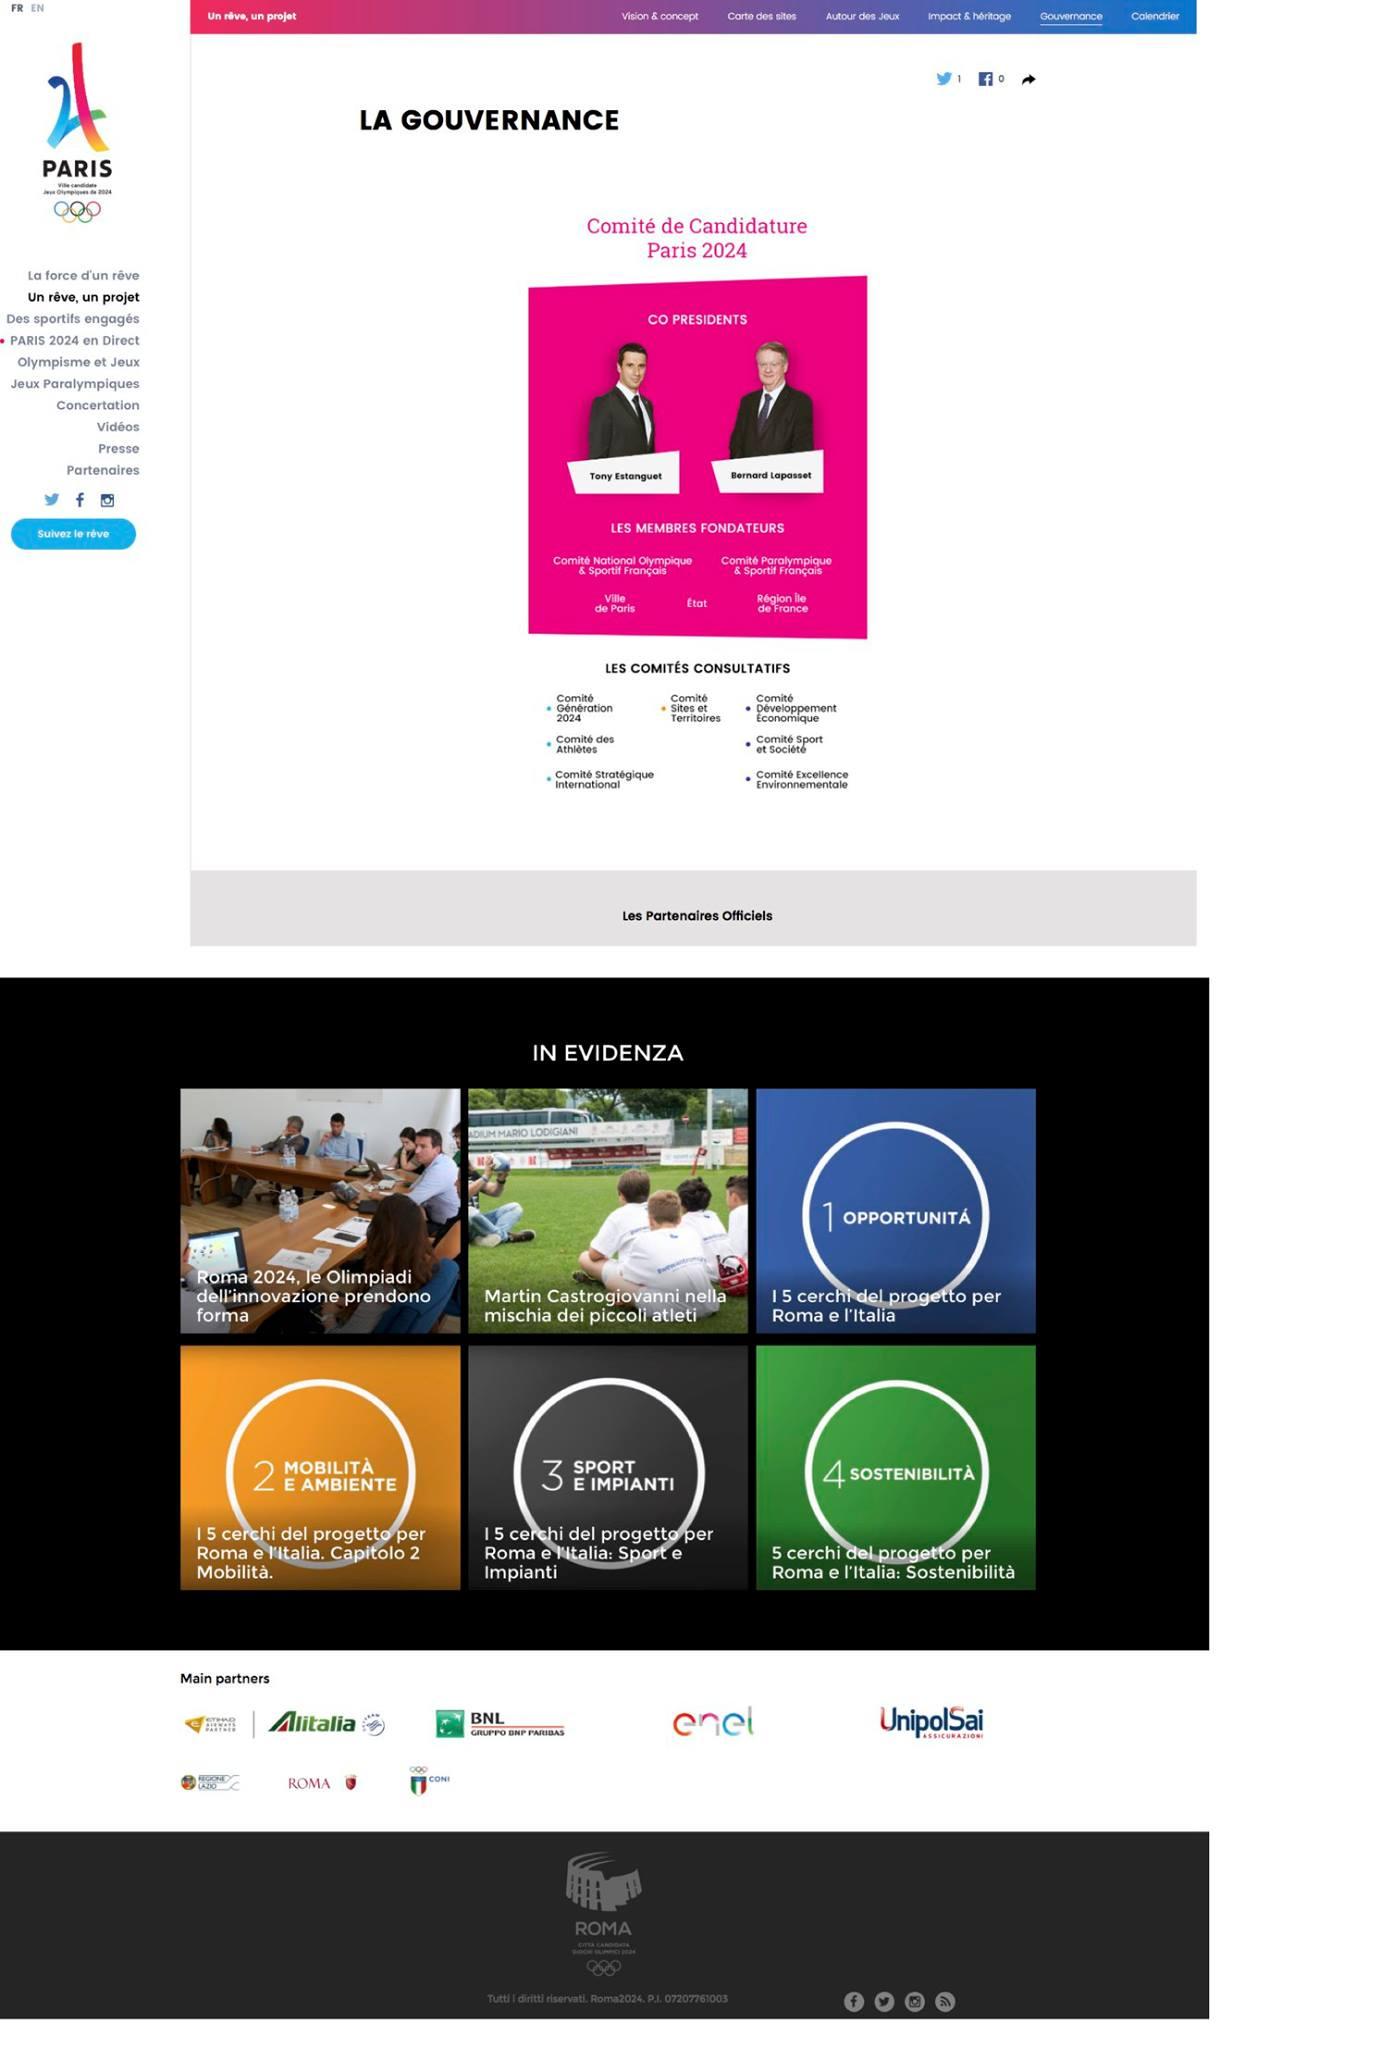 Confronto tra il sito web francese e italiano per i giochi olimpici 2024